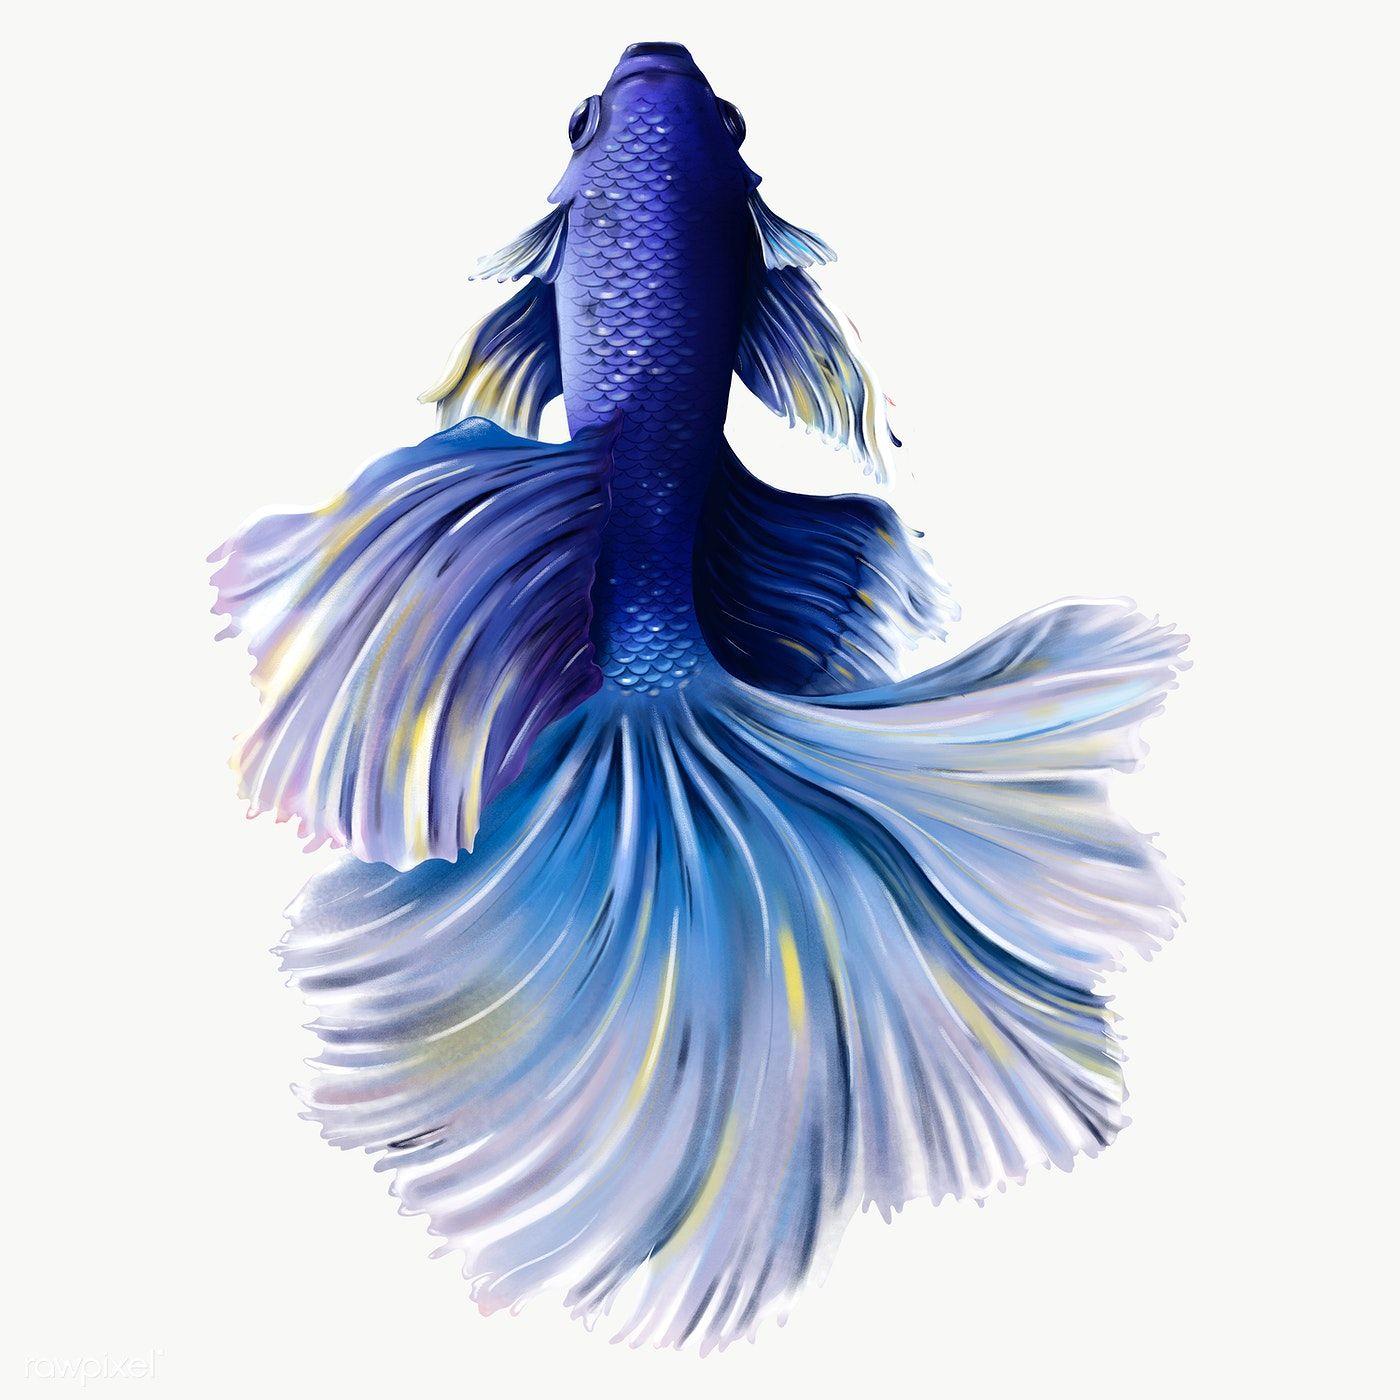 Indigo Betta Fish Design Element Premium Image By Rawpixel Com Te Fish Design Betta Fish Betta